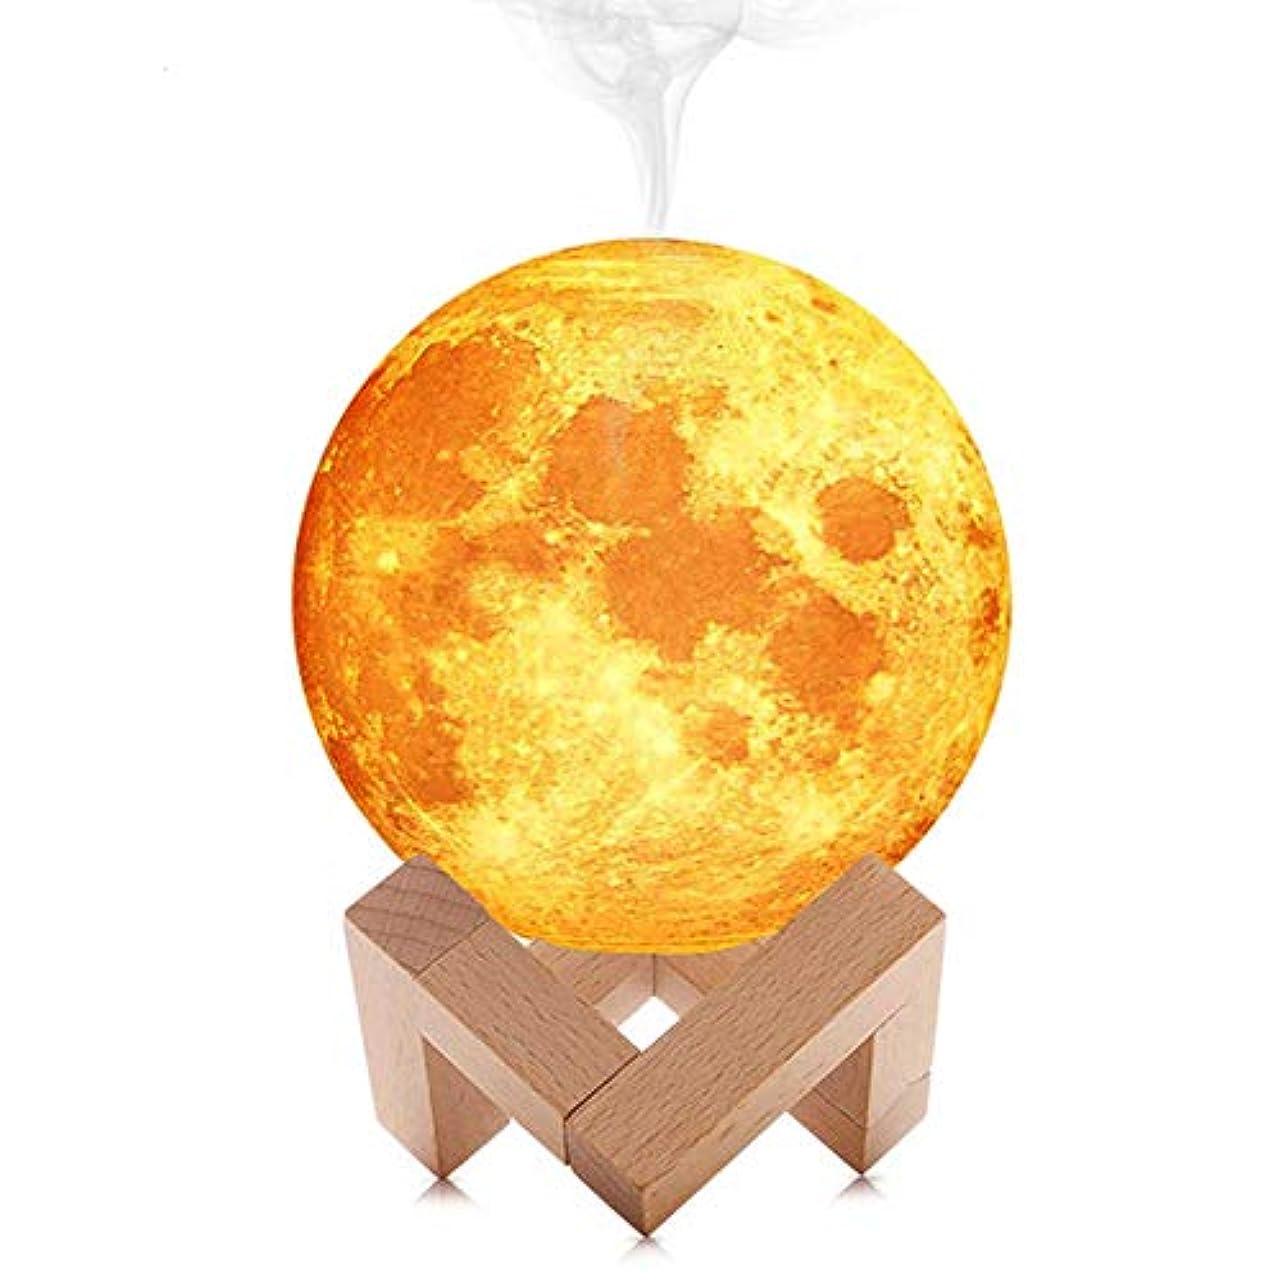 プレビュー不従順真珠のようなBarbella Air Humidifier 3D Moon Lamp Light Diffuser Aroma Essential Oil USB Ultrasonic Humidificador Night Cool...